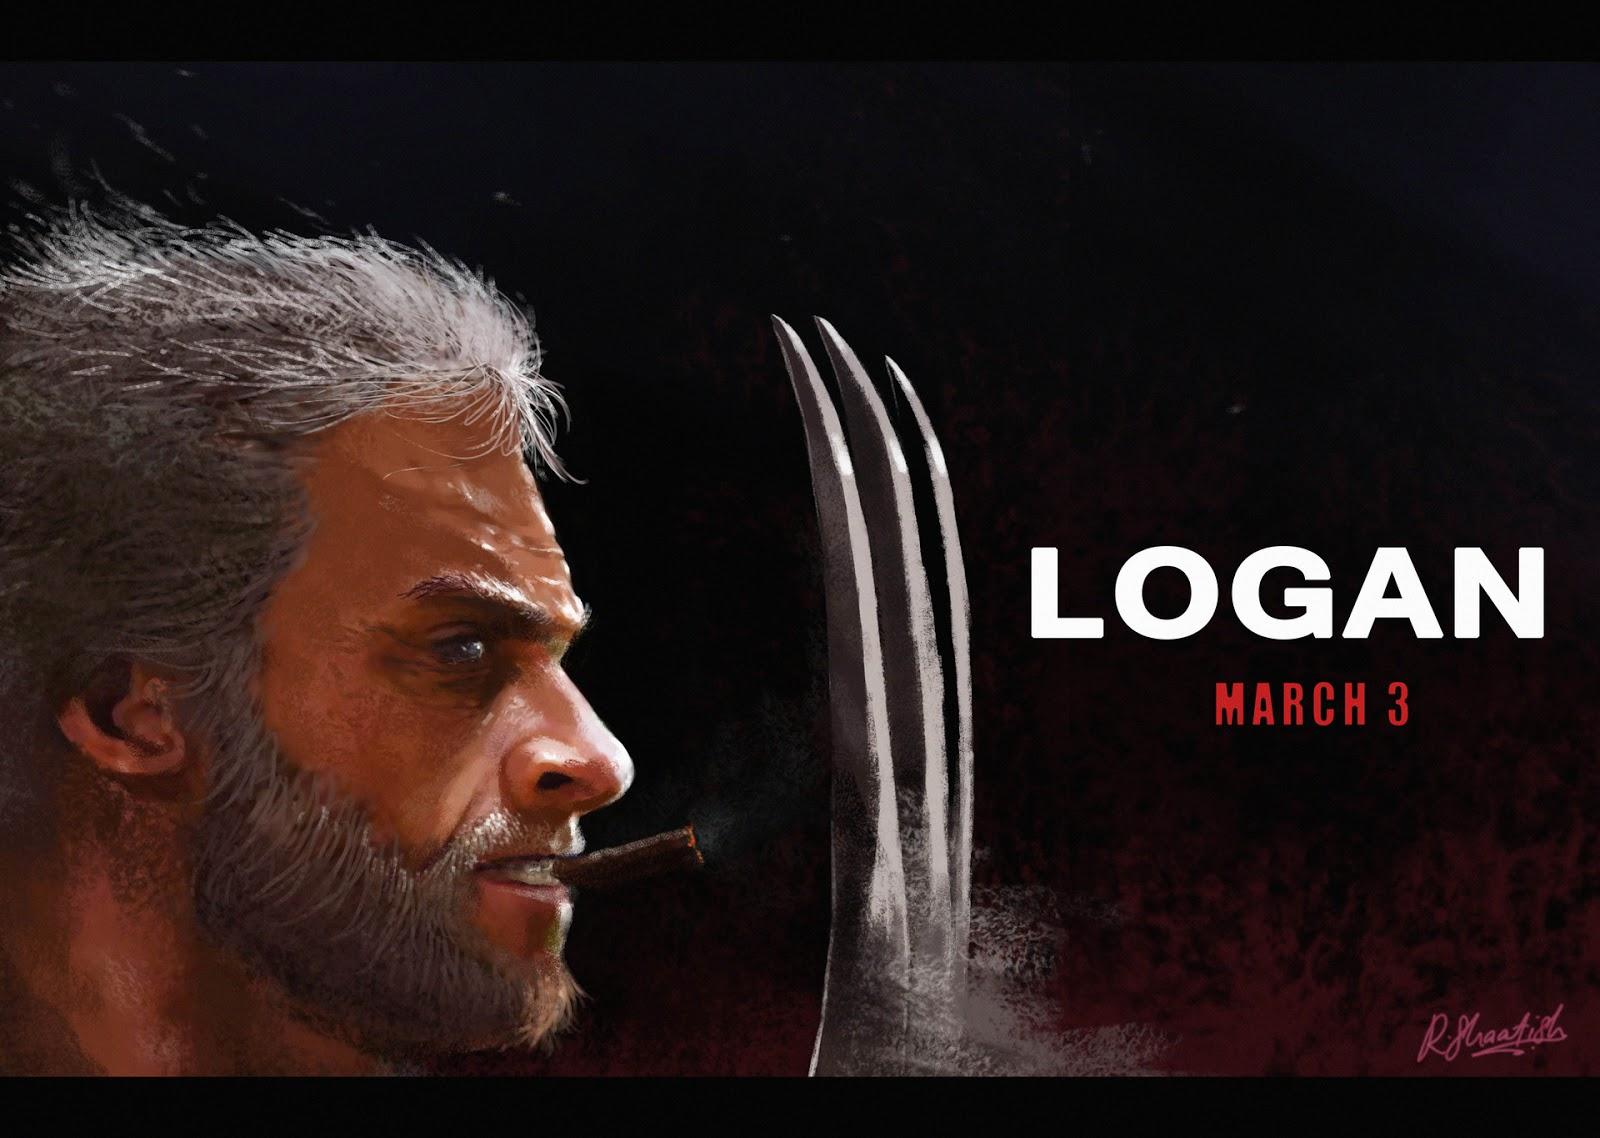 Download Film Logan Bluray 720p Sub Indo Idea Gallery